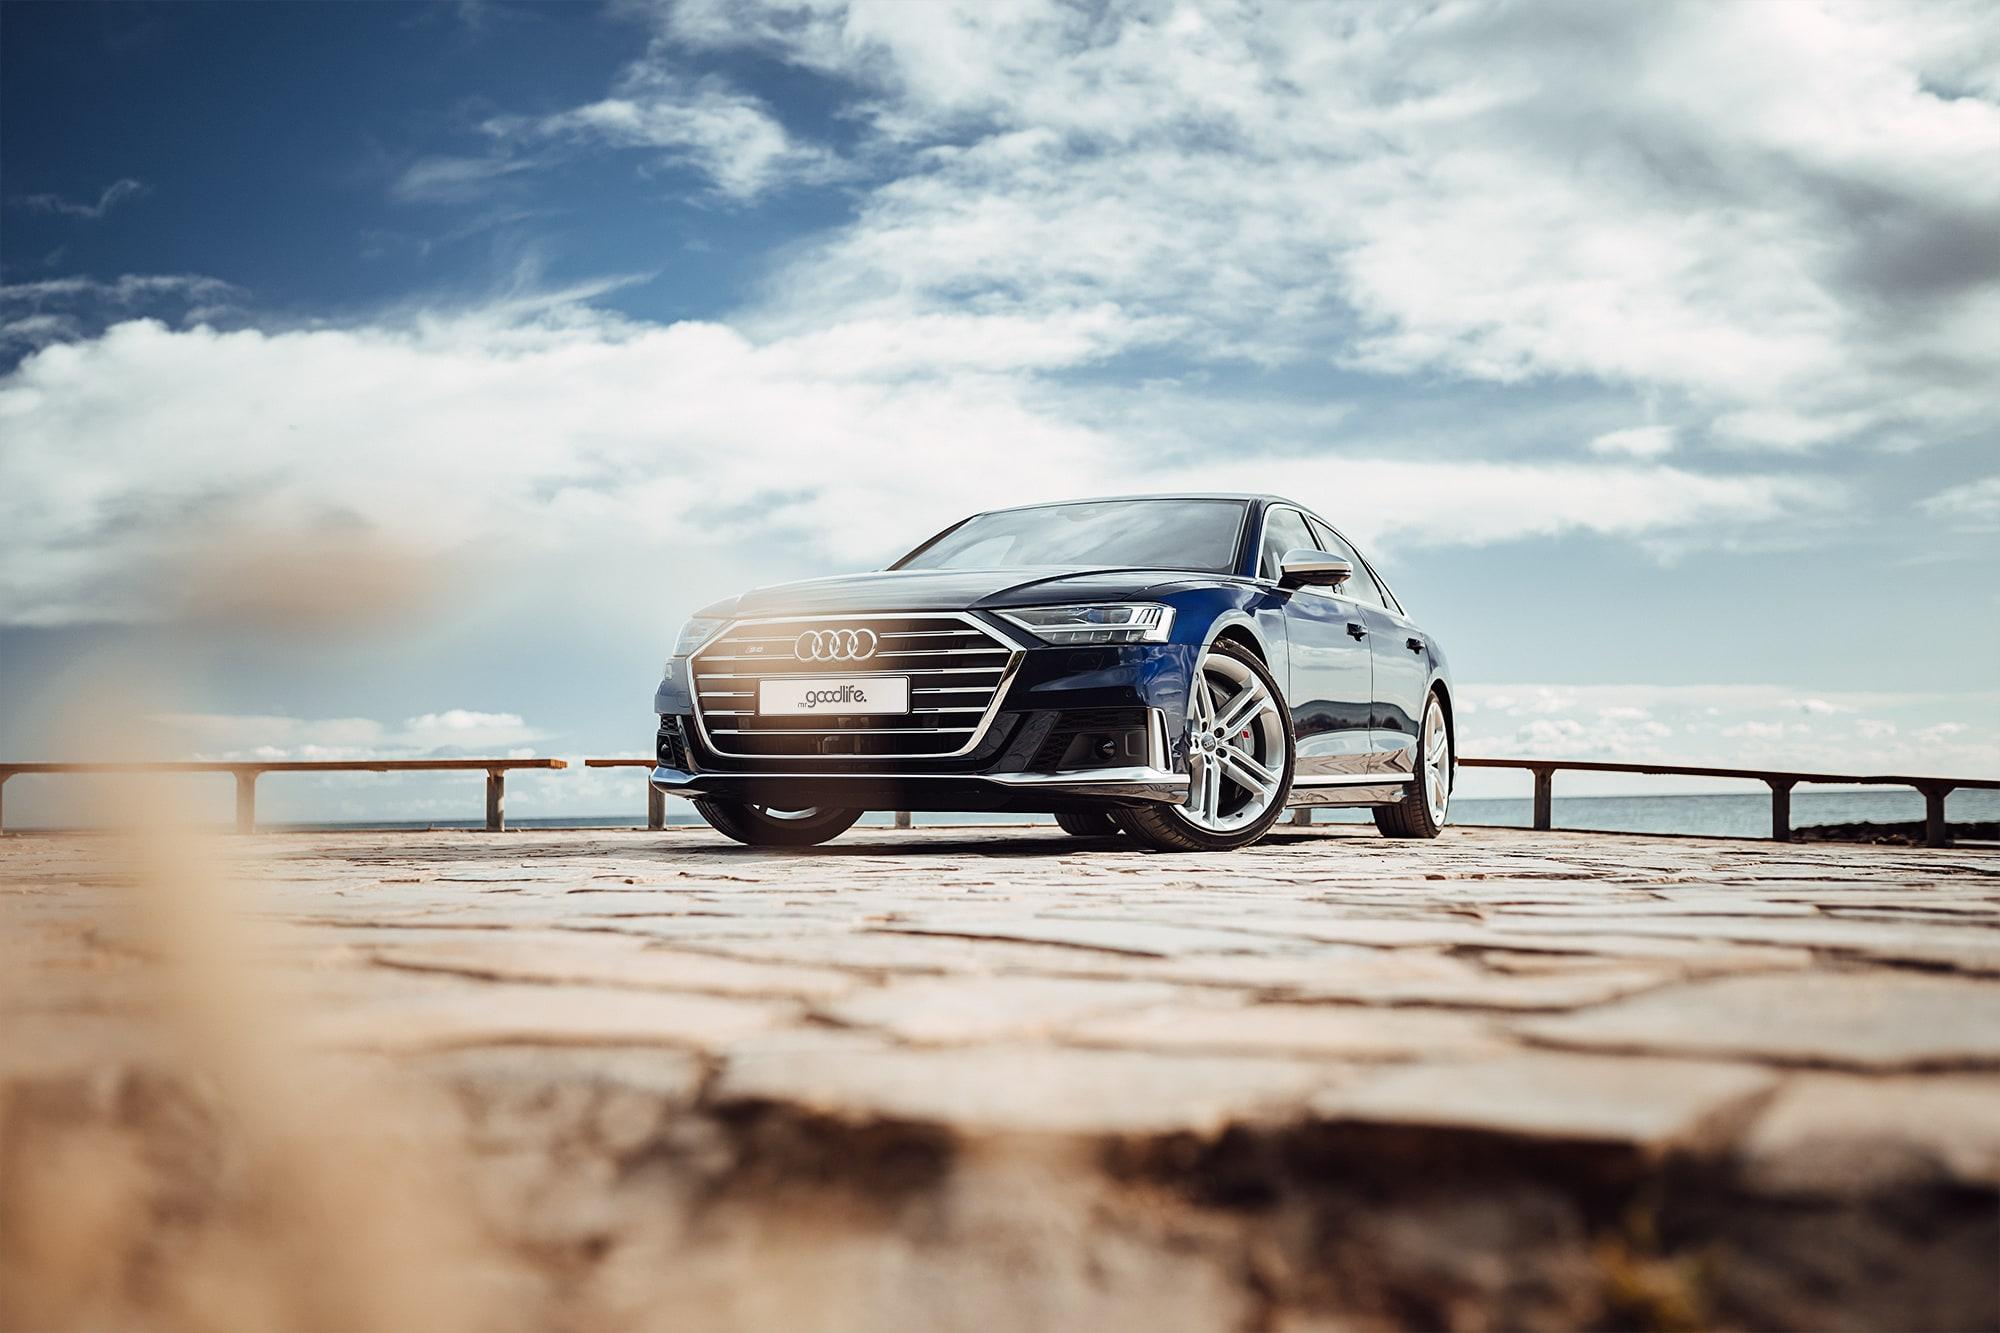 Der neue Audi S8: Komfort und Leistung auf die Spitze getrieben 1